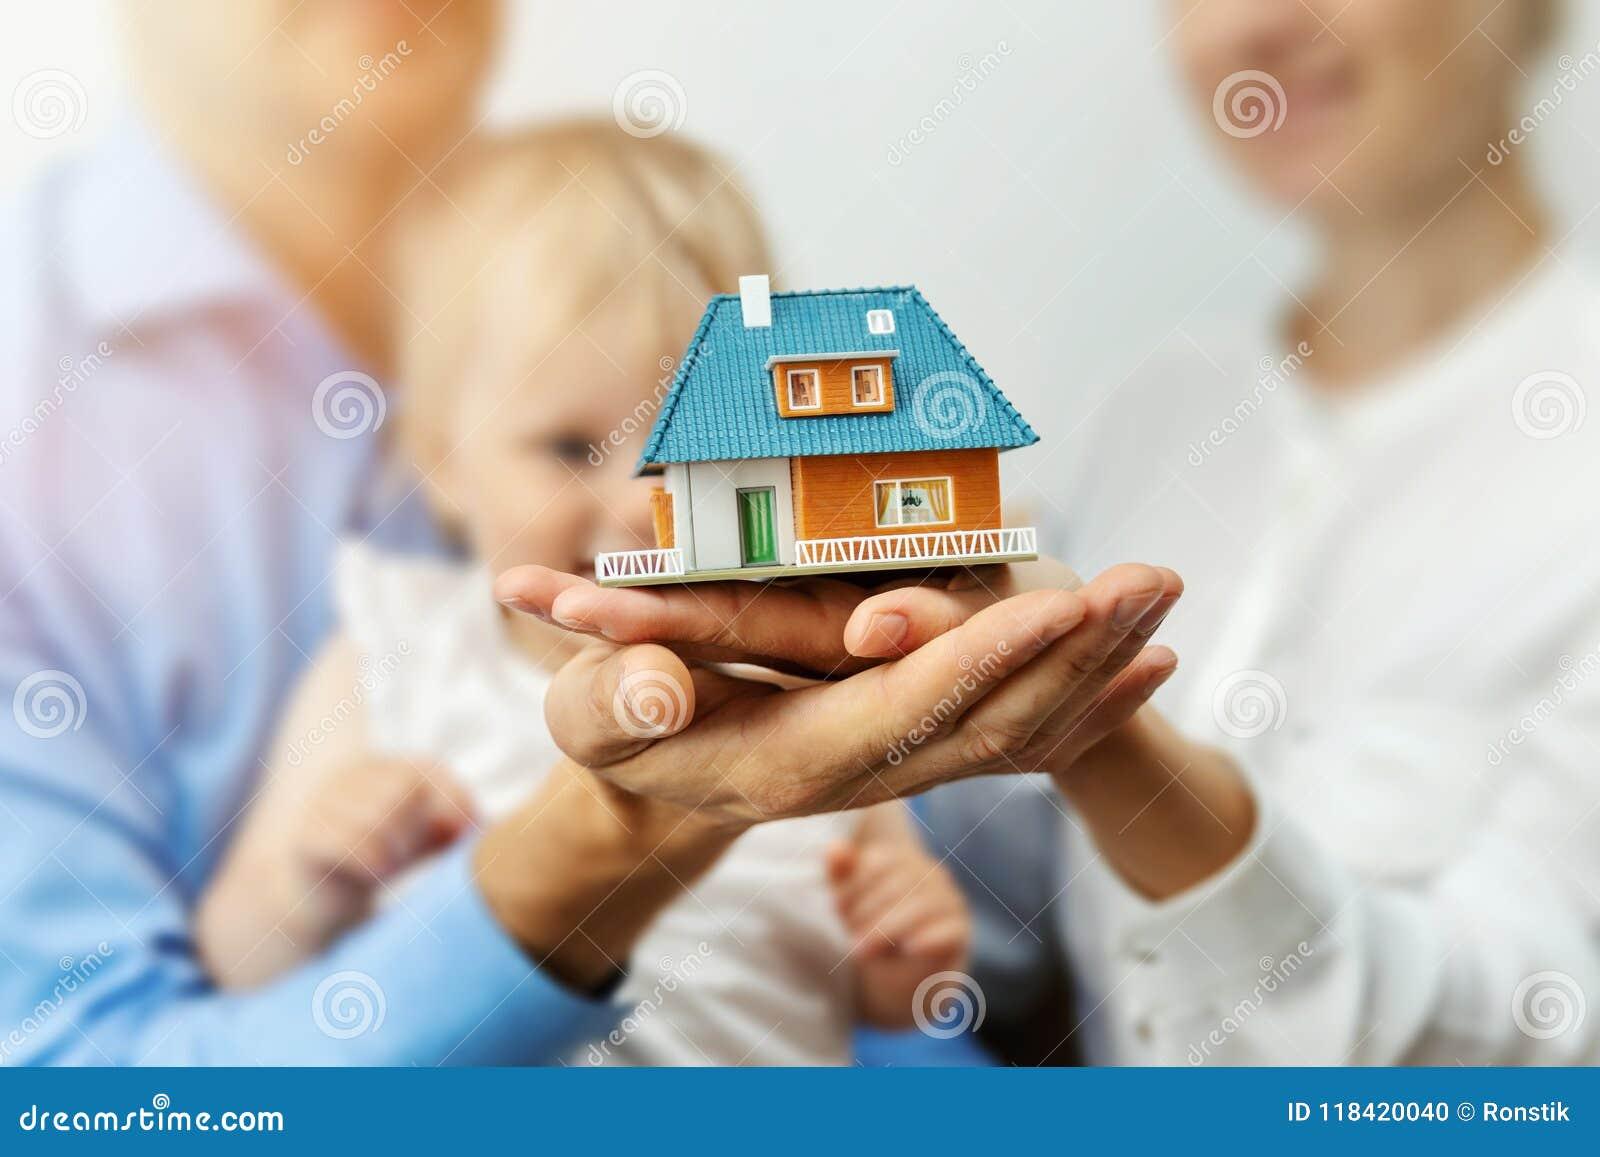 新的家庭概念-与梦之家比例模型的年轻家庭